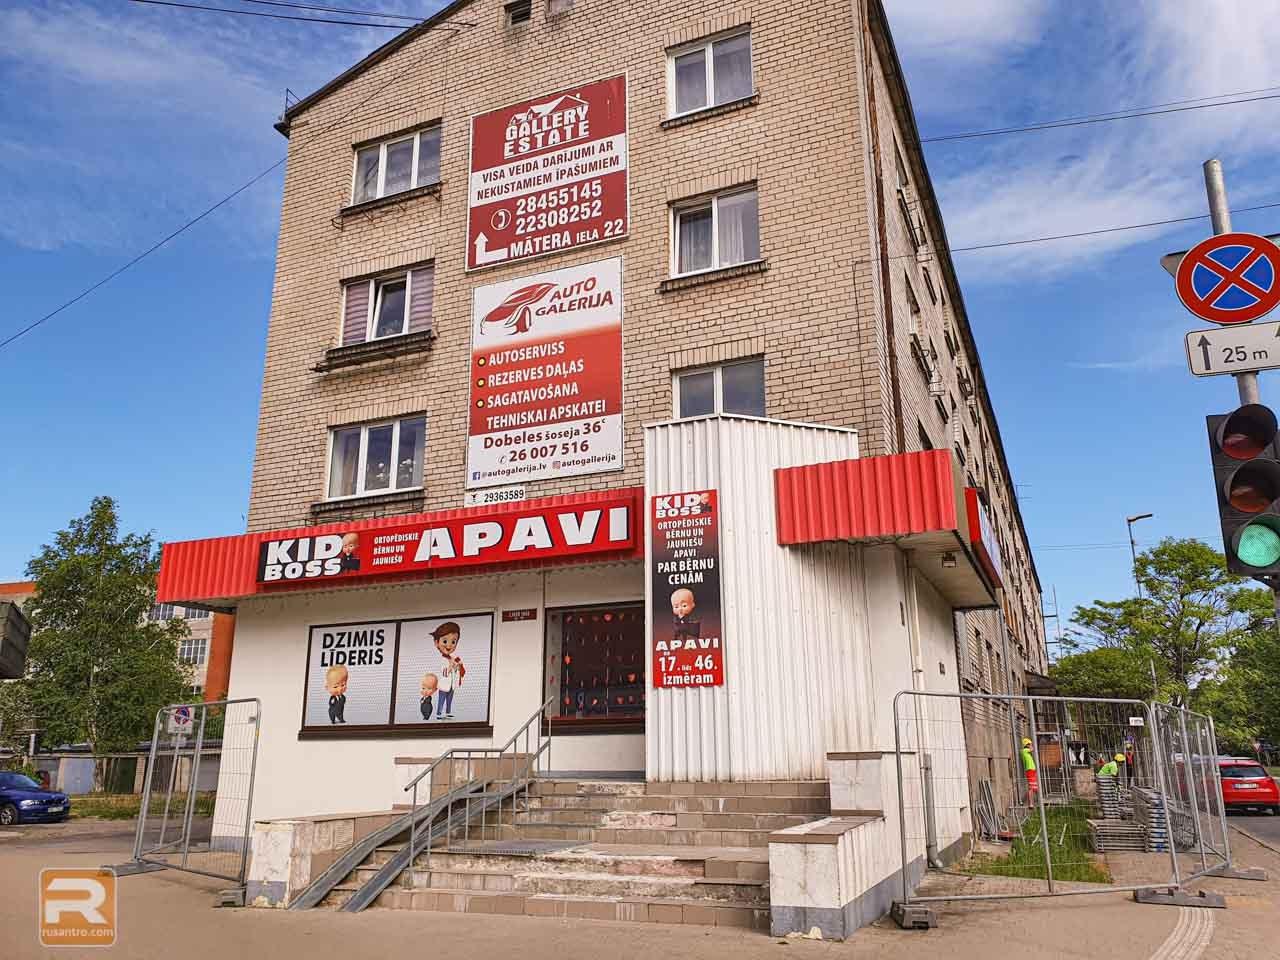 Ķieģeļu piecstāvu dzīvojamā māja ar reklāmas izkārtnēm uz tās fasādes Jelgavā